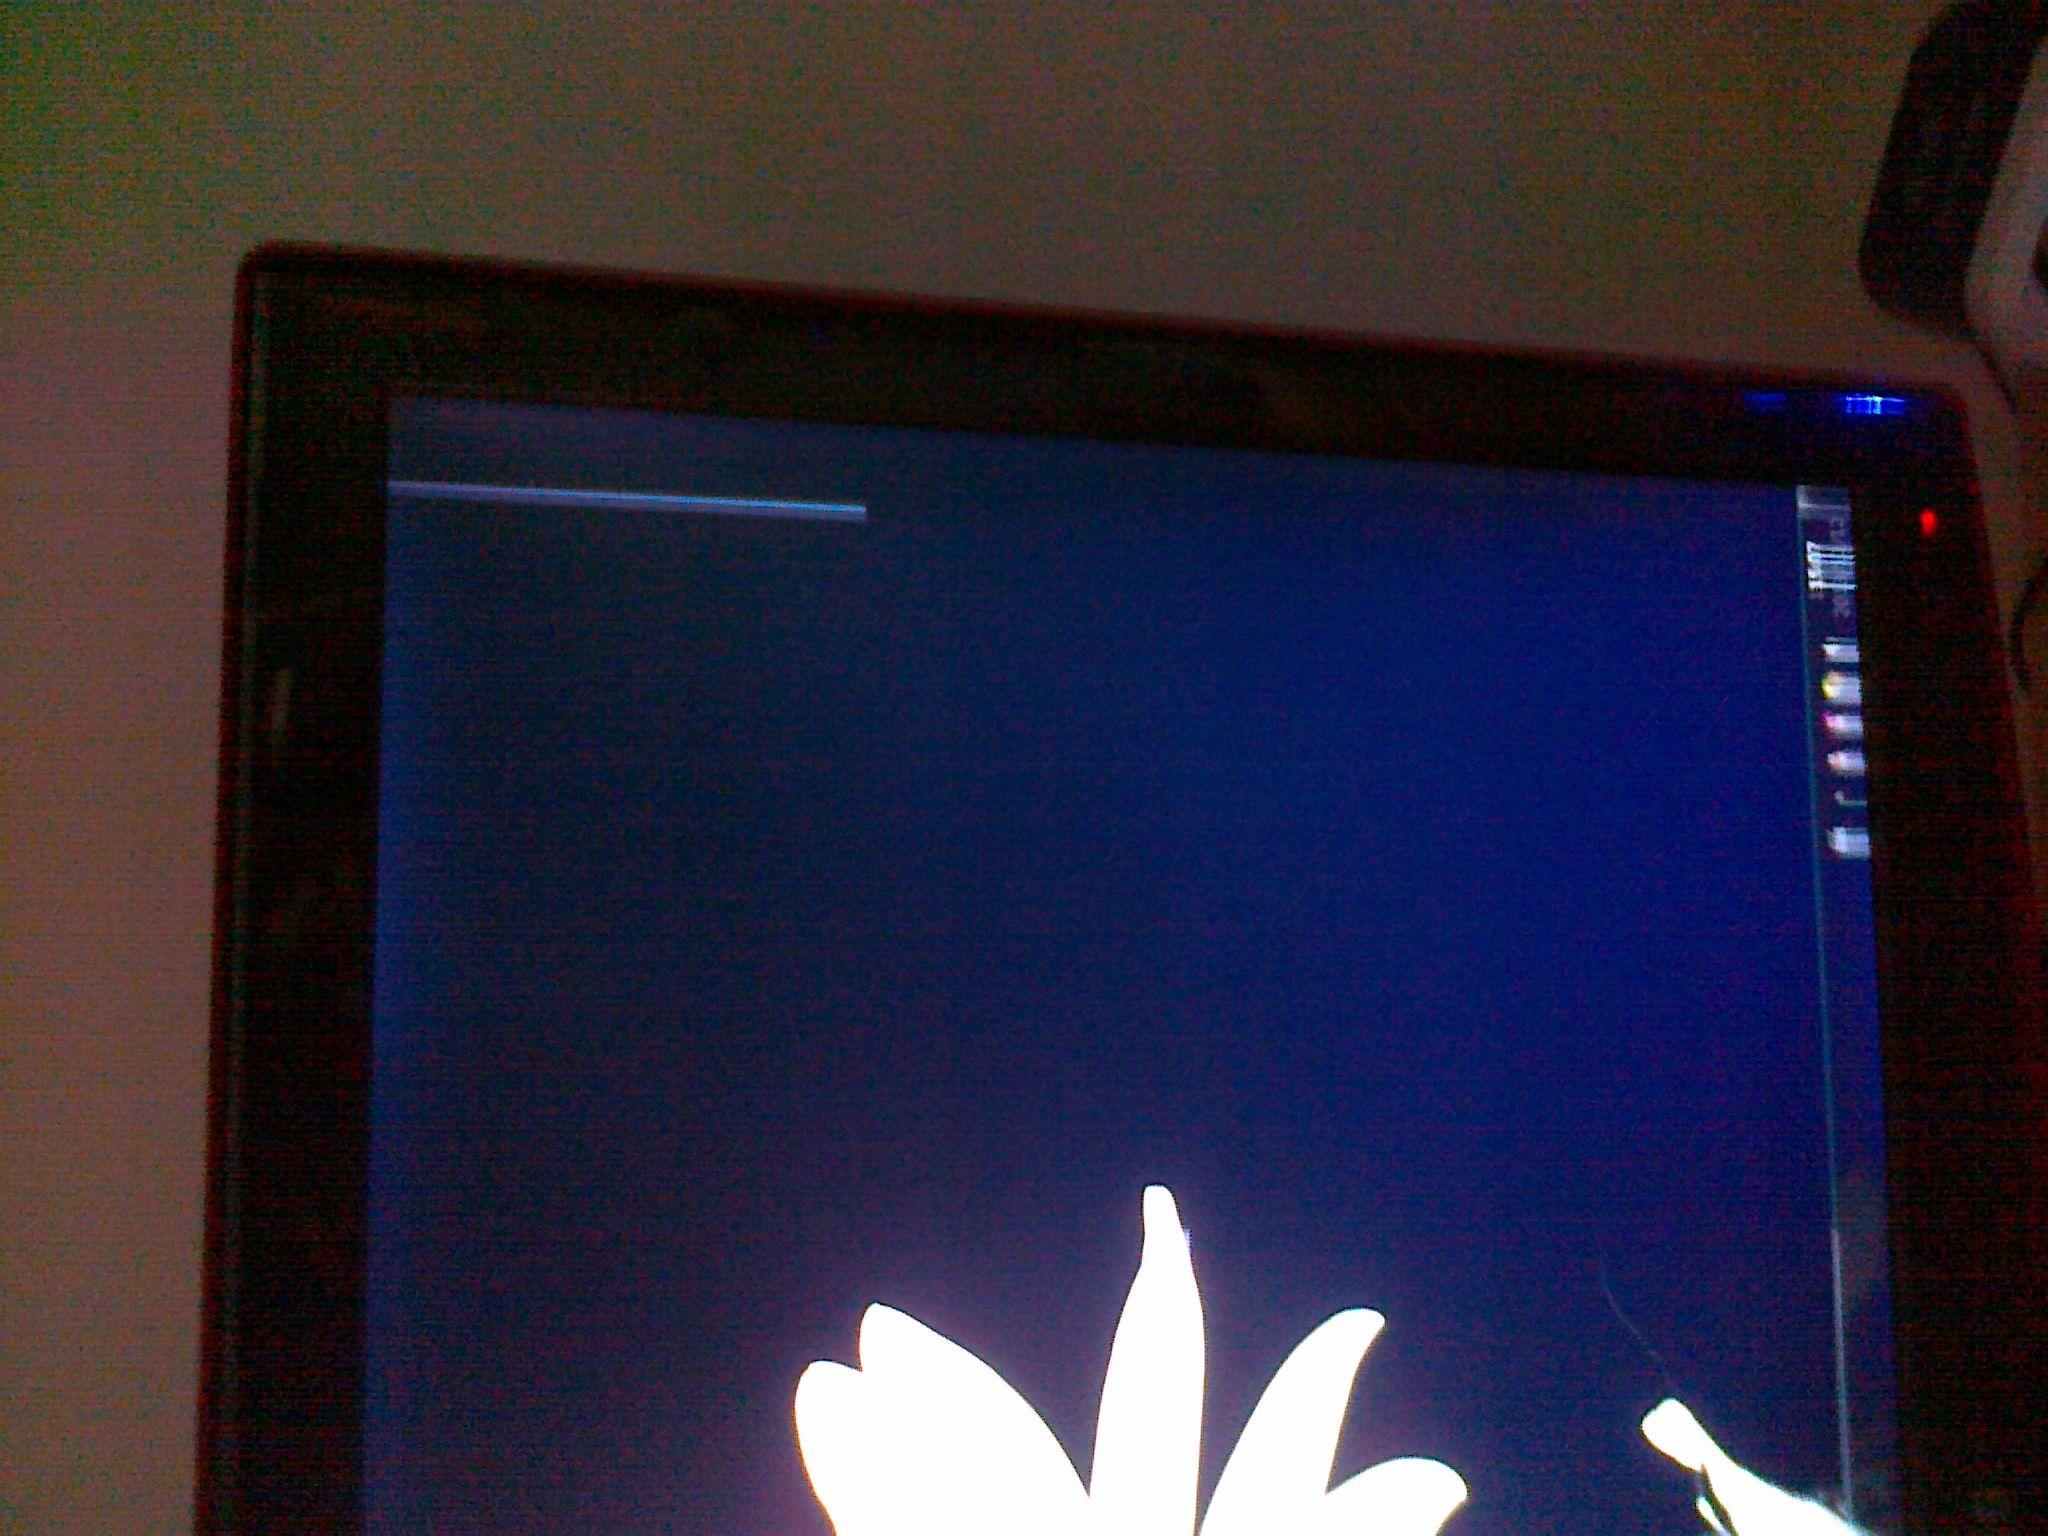 开机桌面图标不显示 开机桌面图标打不开 开机桌面图标显示慢